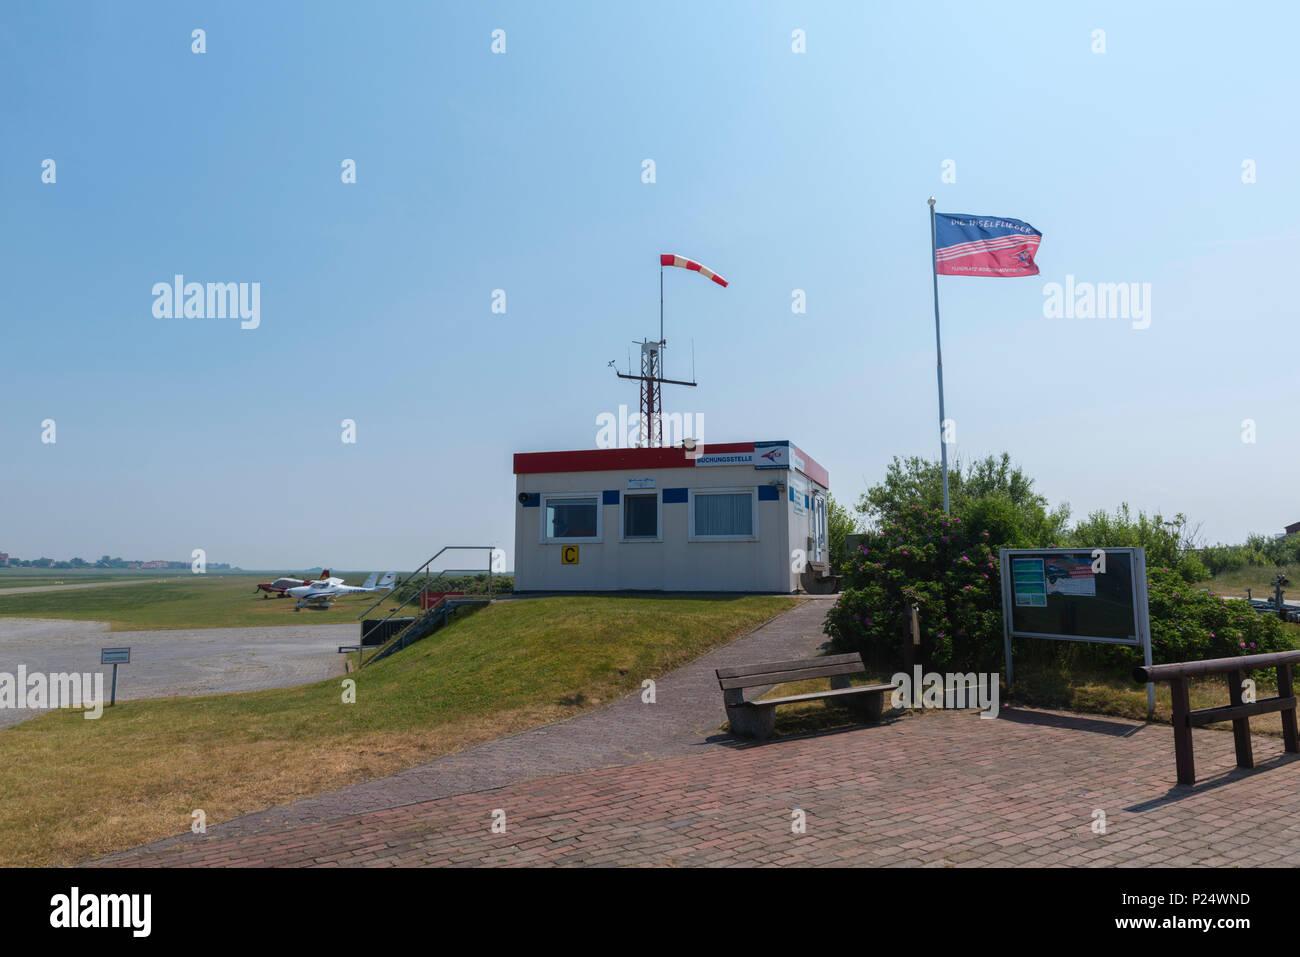 Der kleine Inselflughafen, Baltrum, Ostfriesland, Niedersachsen, Deutschland Stockbild